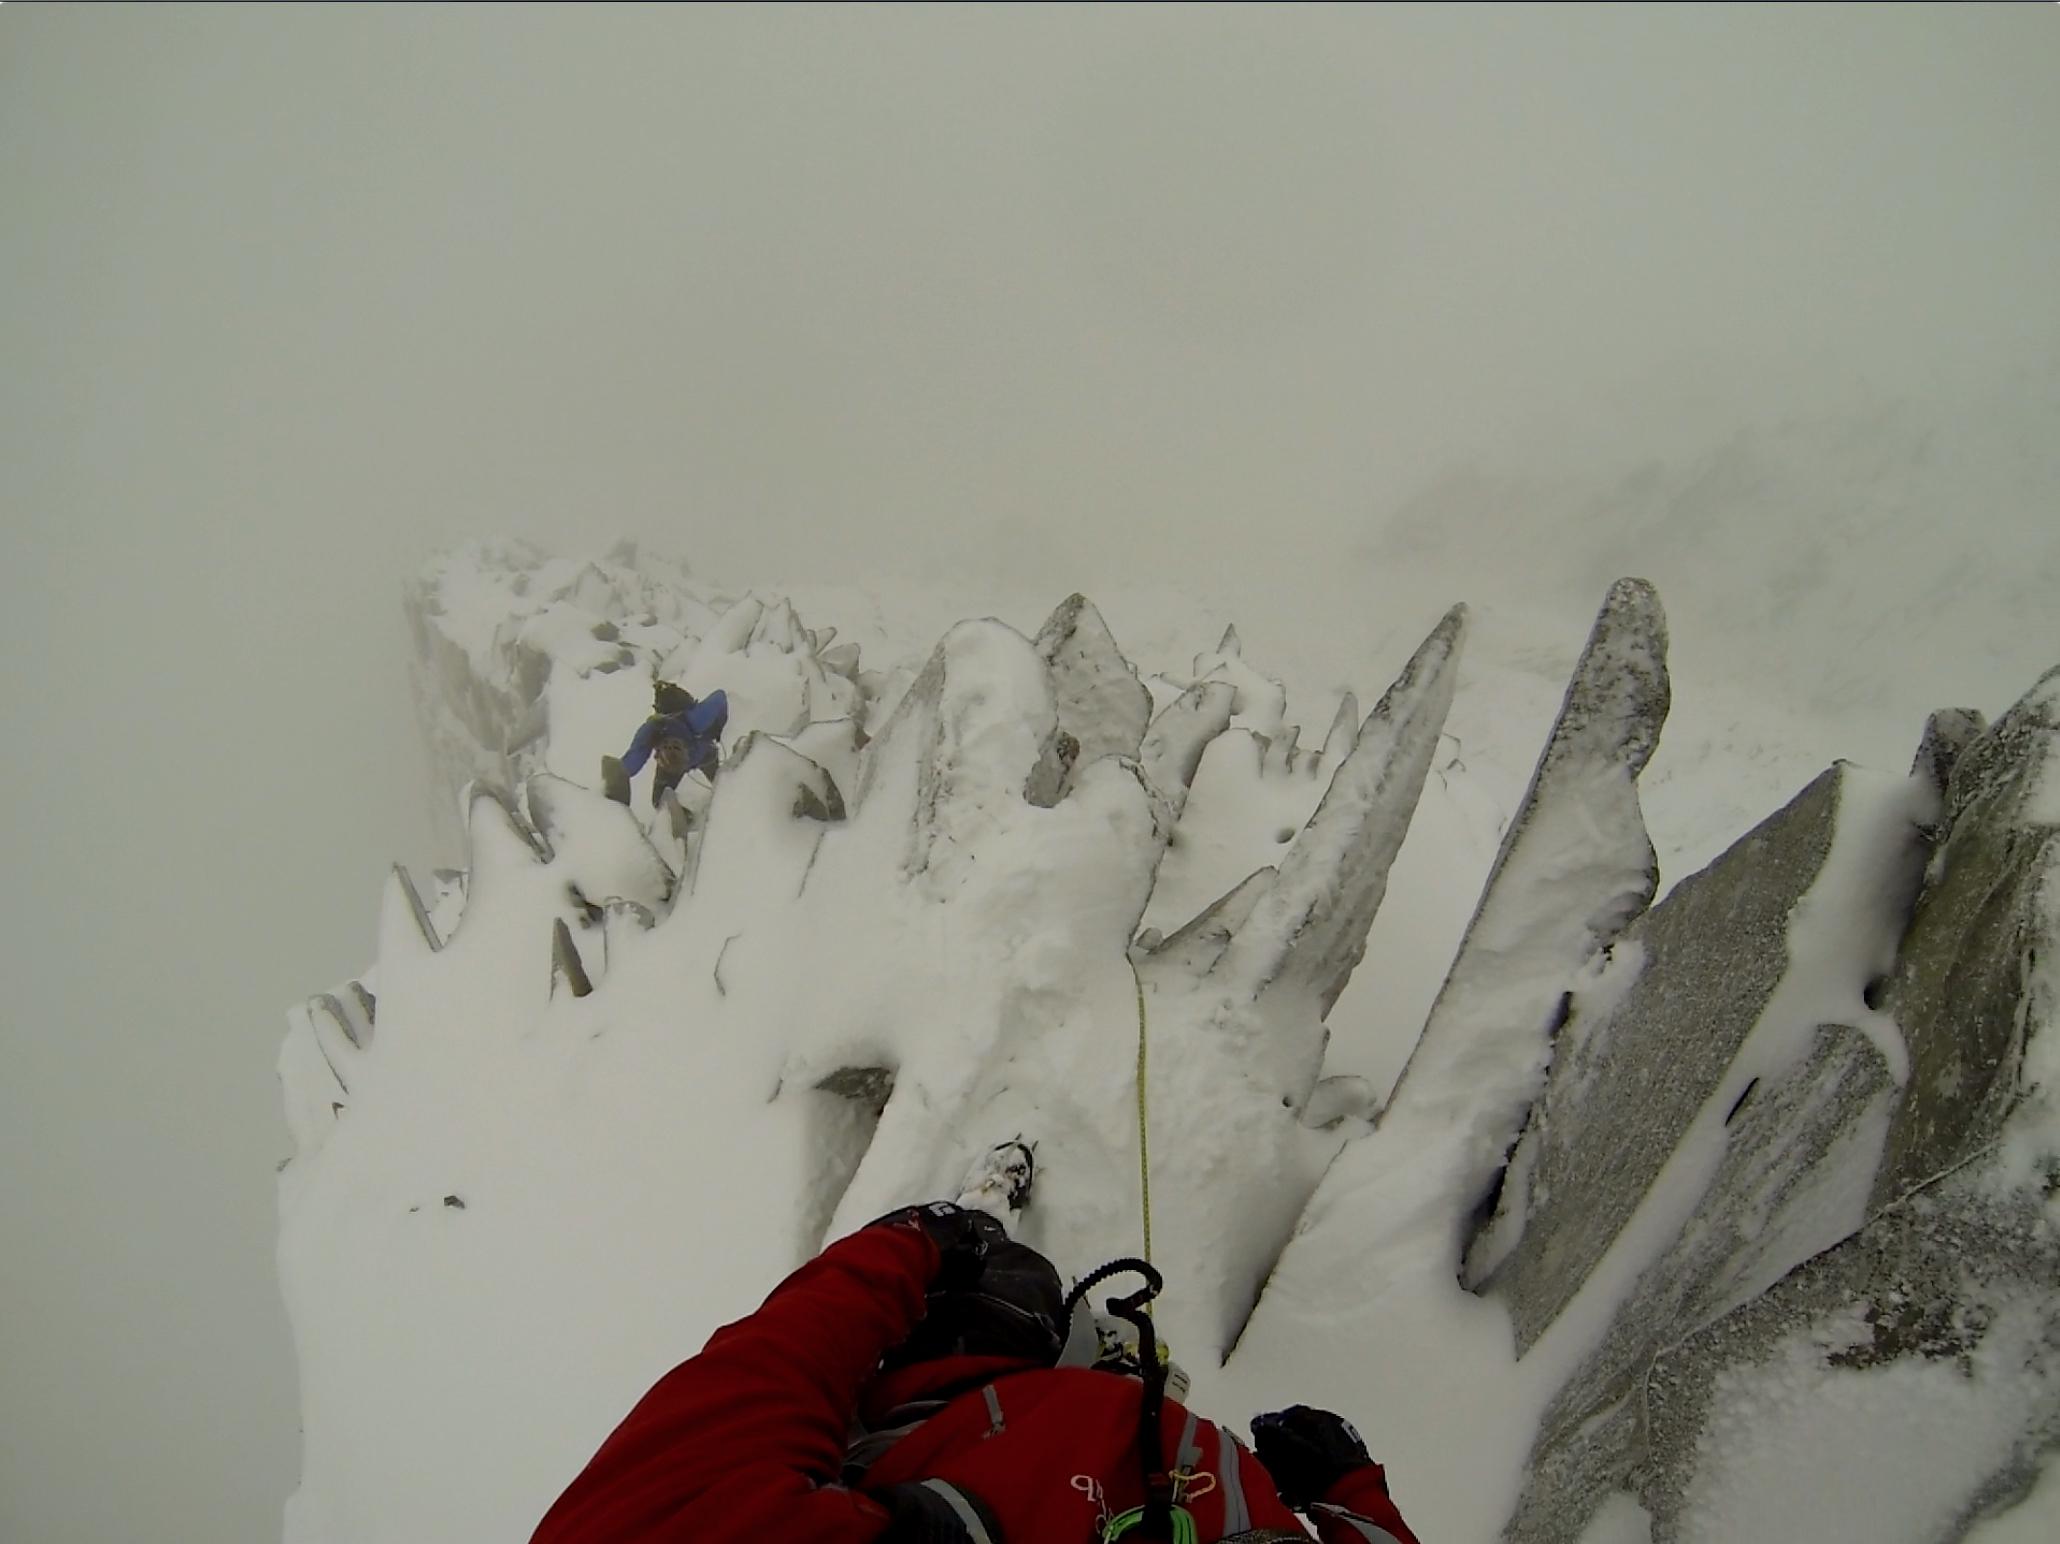 More fun climbing.